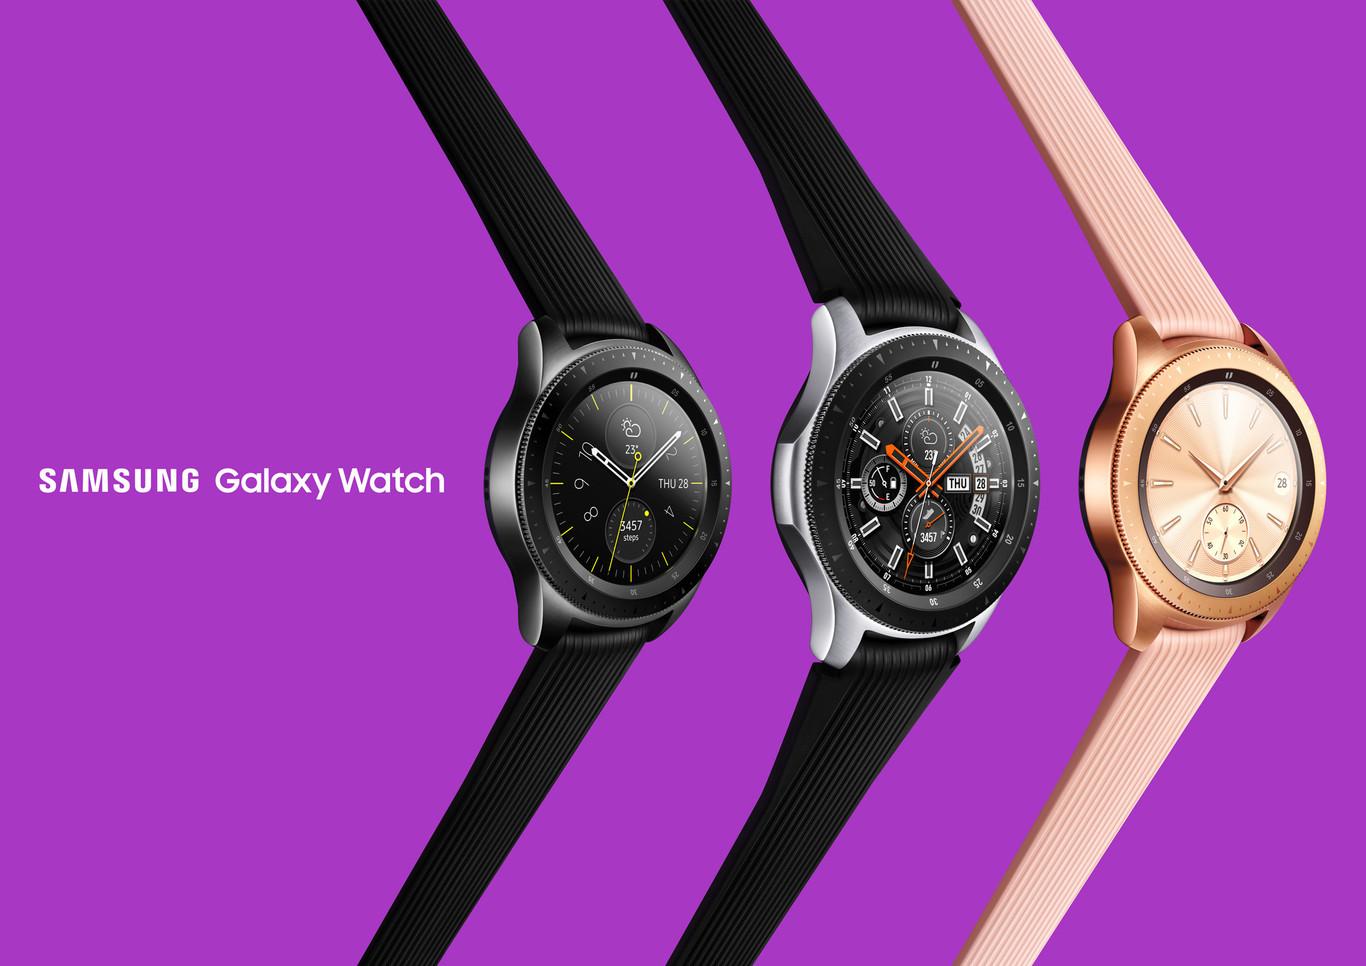 Samsung Galaxy Watch Reloj inteligente Bluetooth (42 mm) color negro Version española